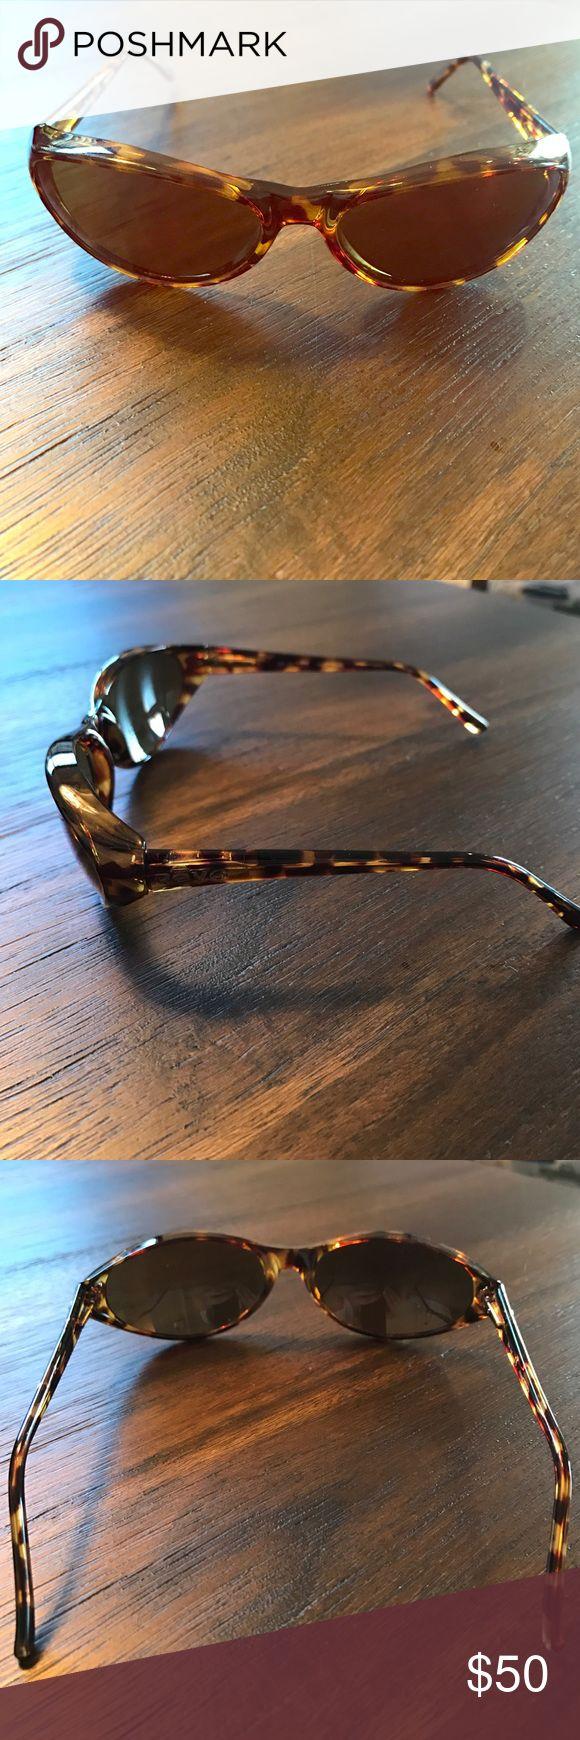 Revo irredescent lenses Sports Sunglasses. Revo irredescent lenses Sports Sunglasses. Used but in excellent condition. UVA/UVB 100. Tortoise Plastic Frames. Comes with original case. Revo Accessories Sunglasses